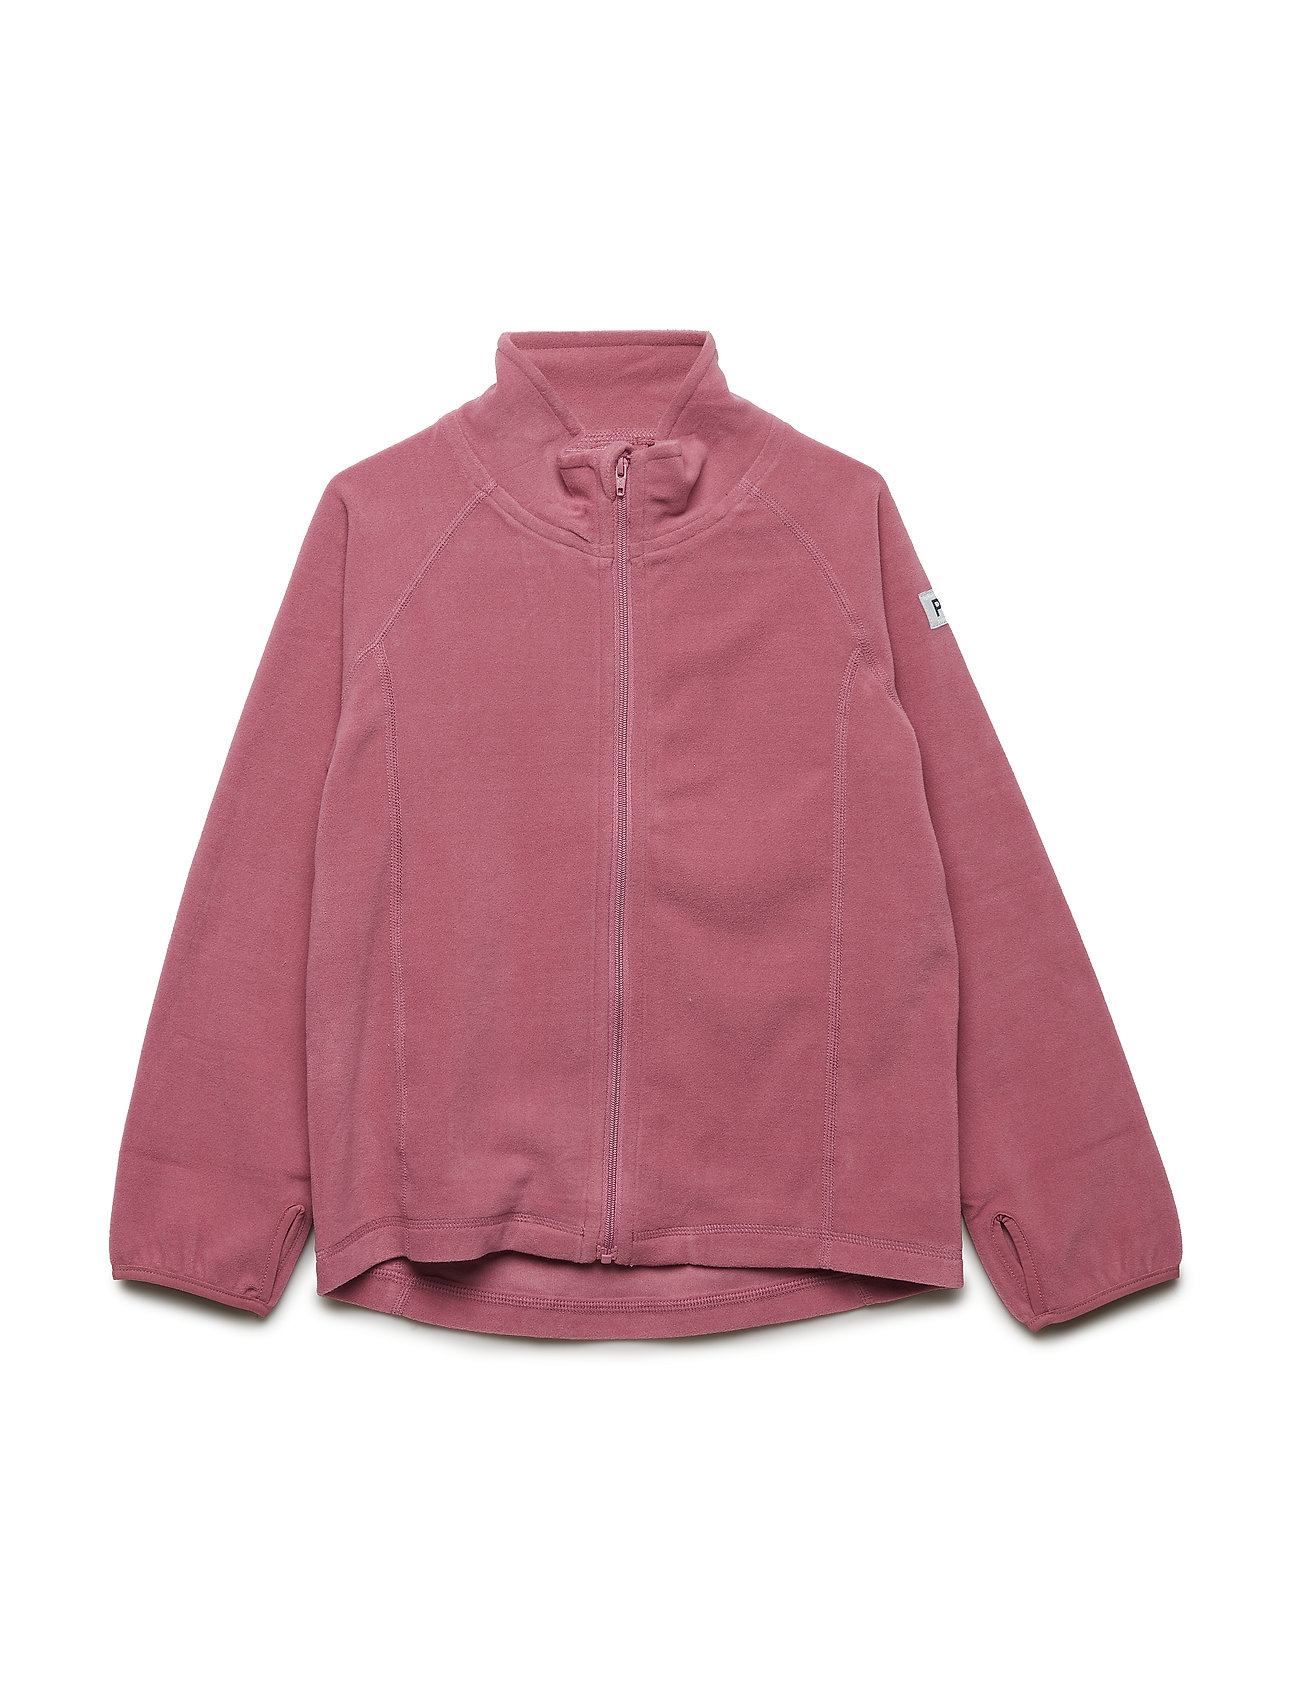 Polarn O. Pyret Zip Up Fleece Solid